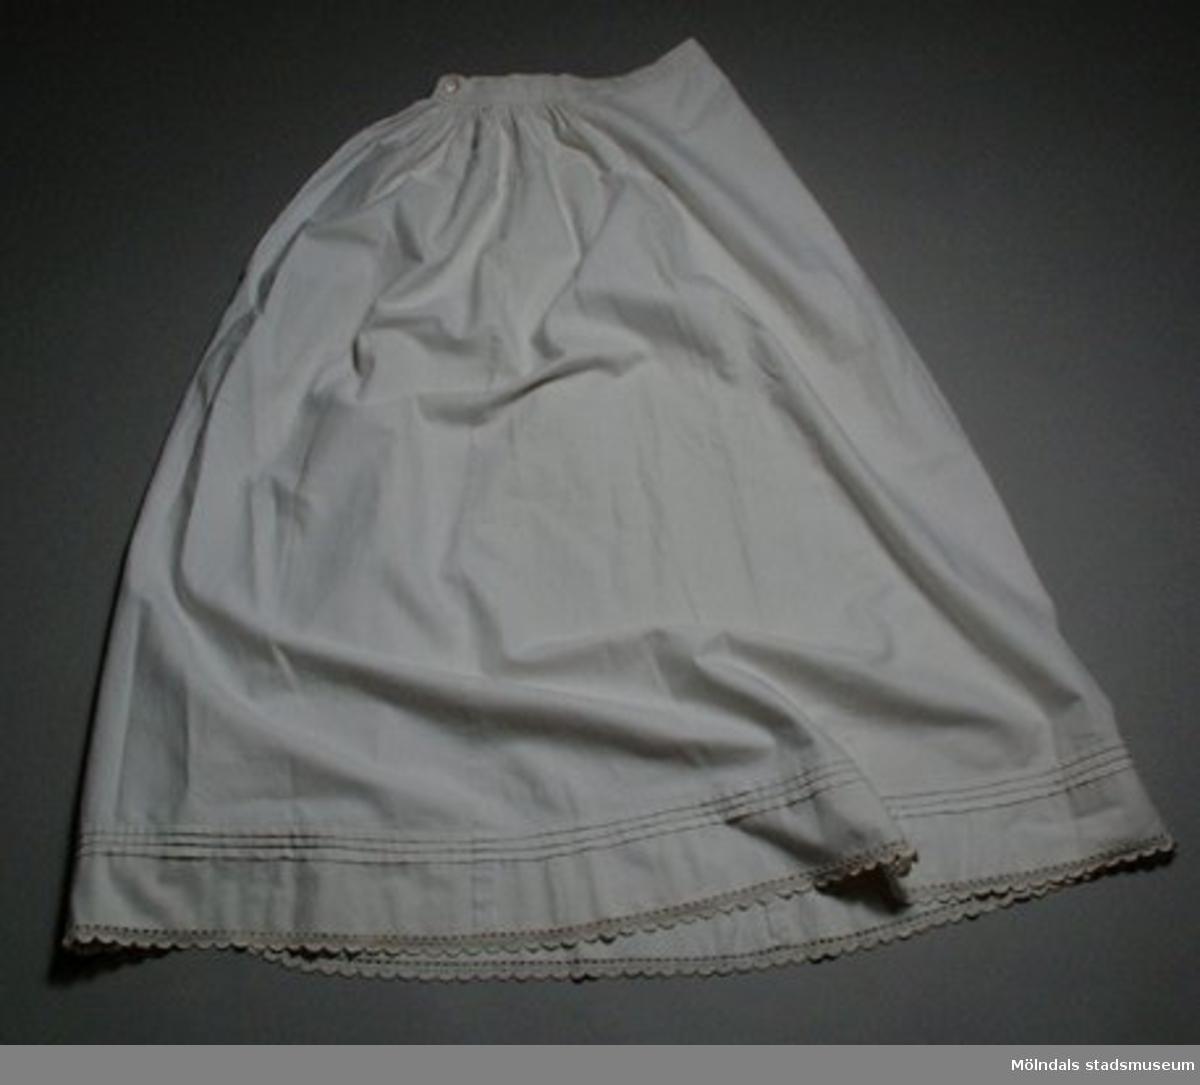 Vit, hellång underkjol med knapp och linning. Tre sydda veck nertill. Smal virkad spets i nederkant.